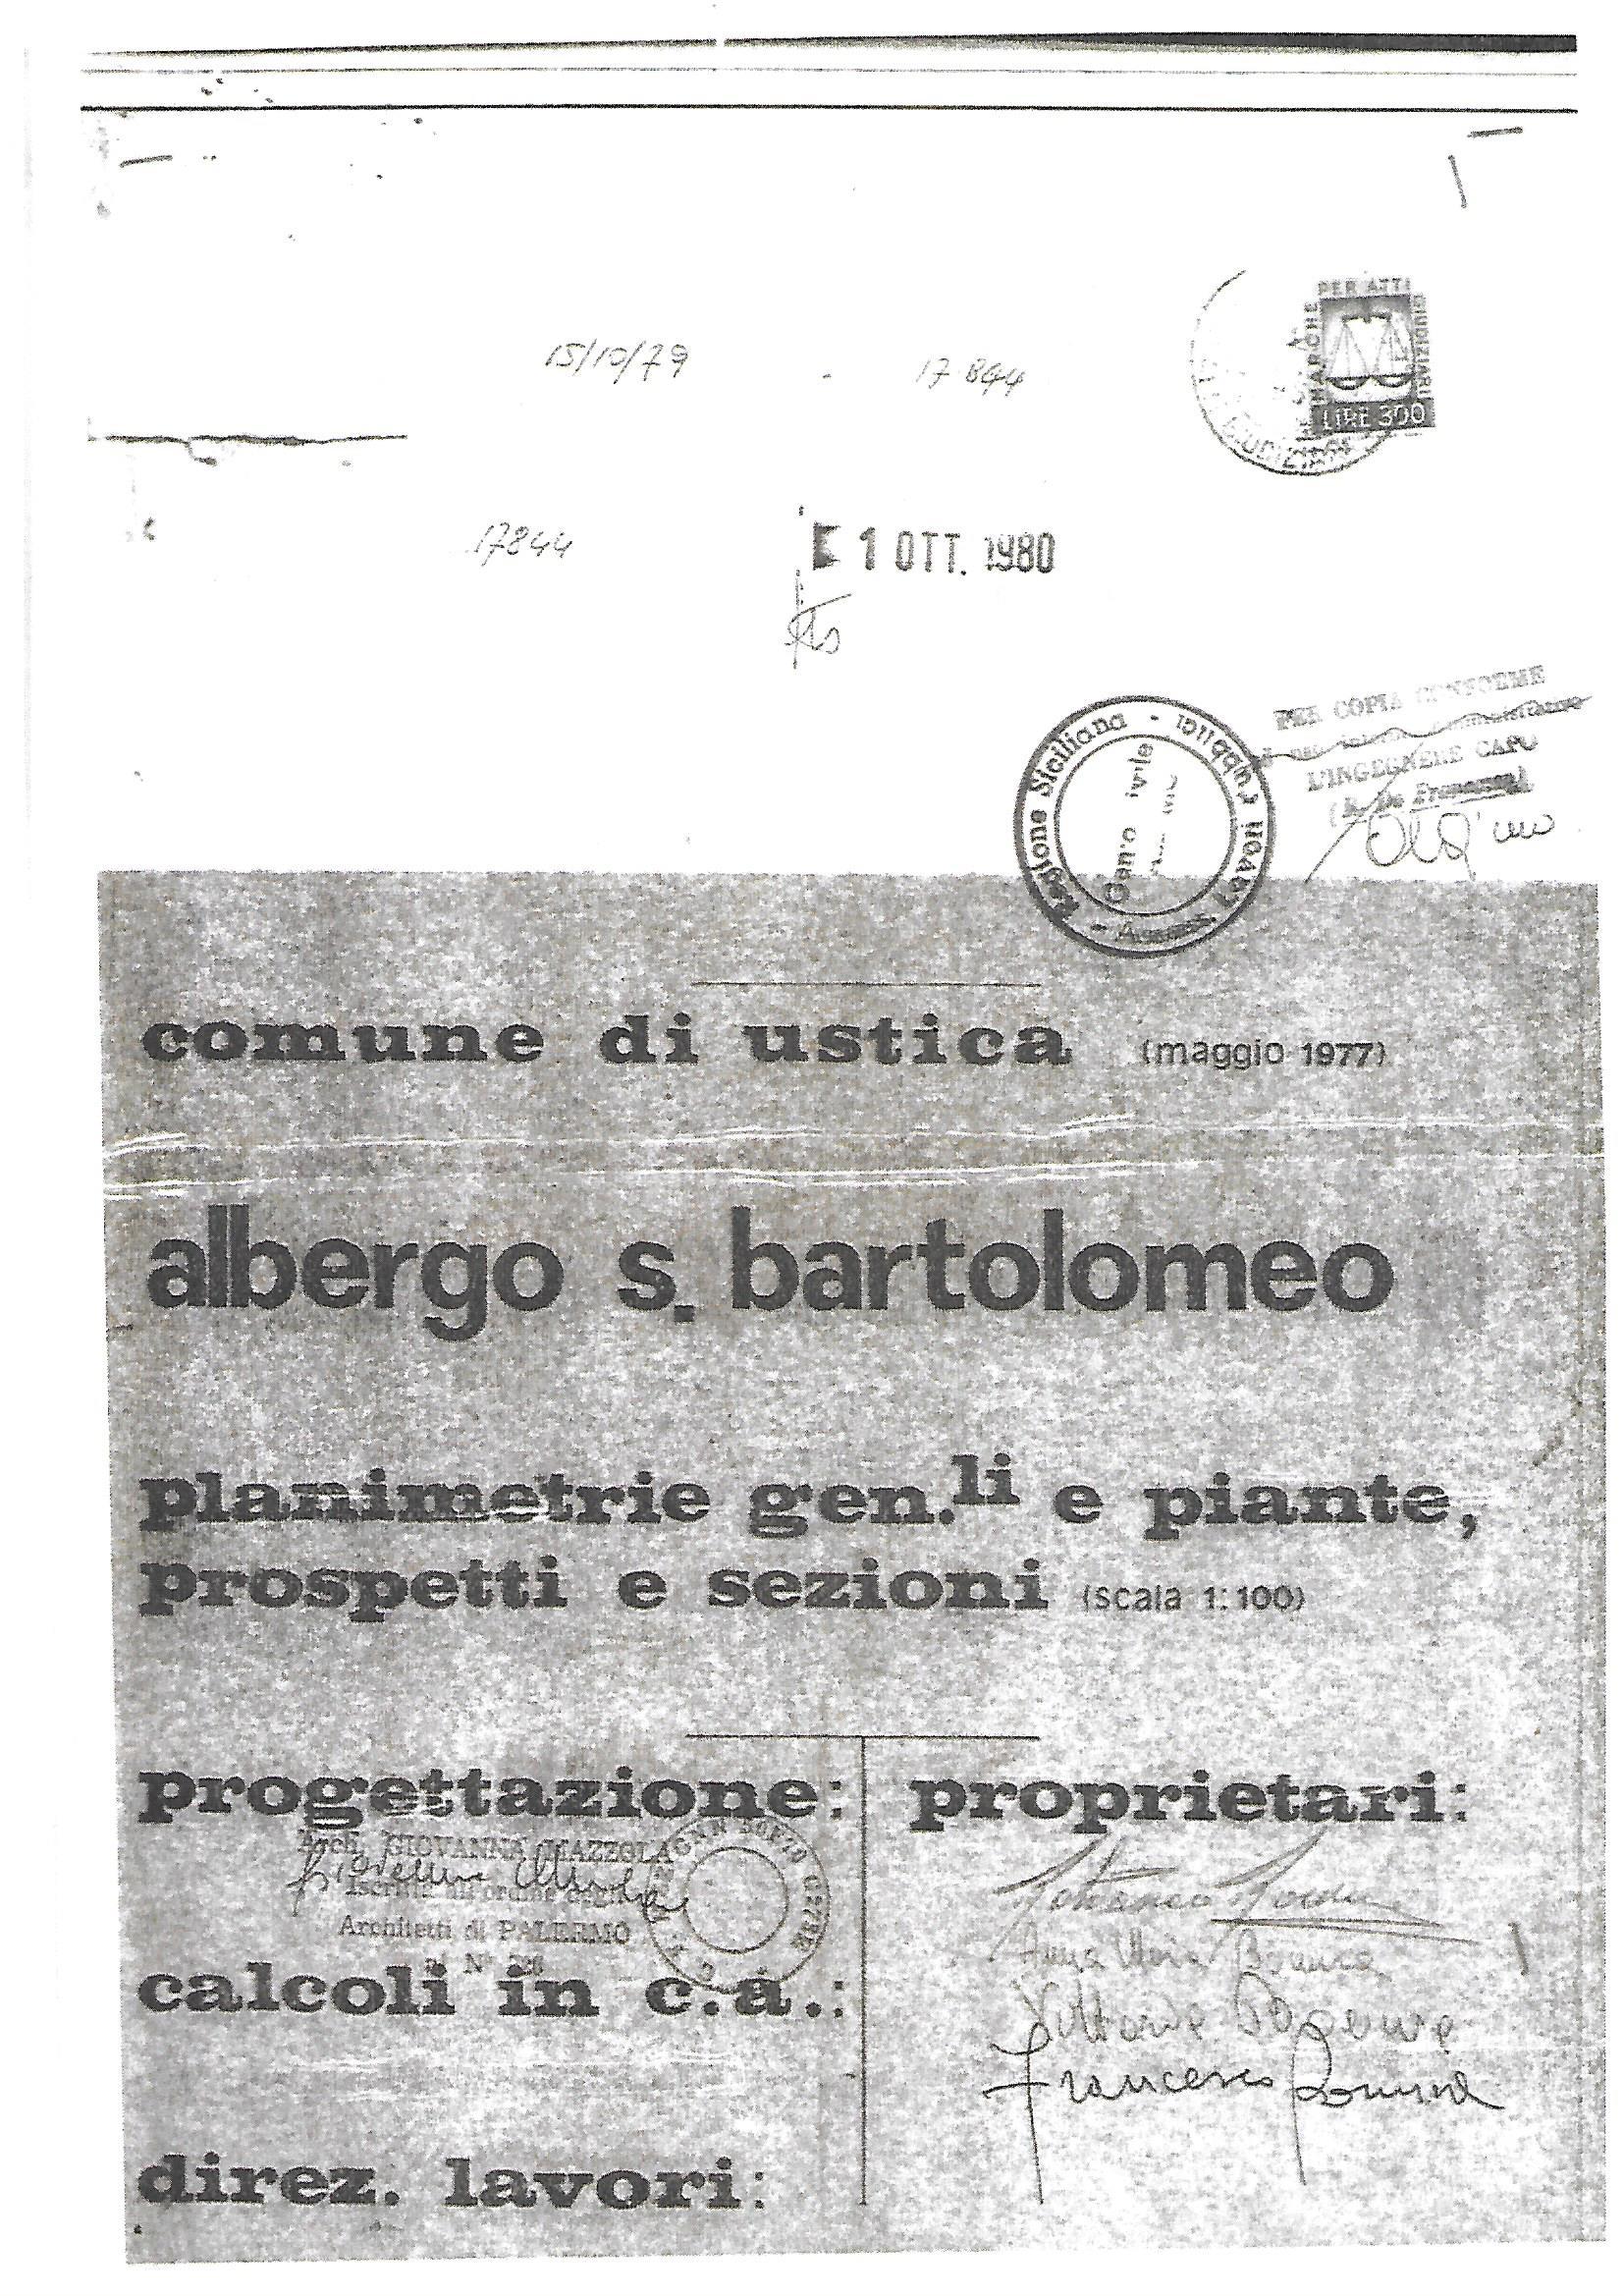 Rilascio ex art.-18 L 64/1974 Nulla Osta autorizzazione inizio lavori in zona sismica